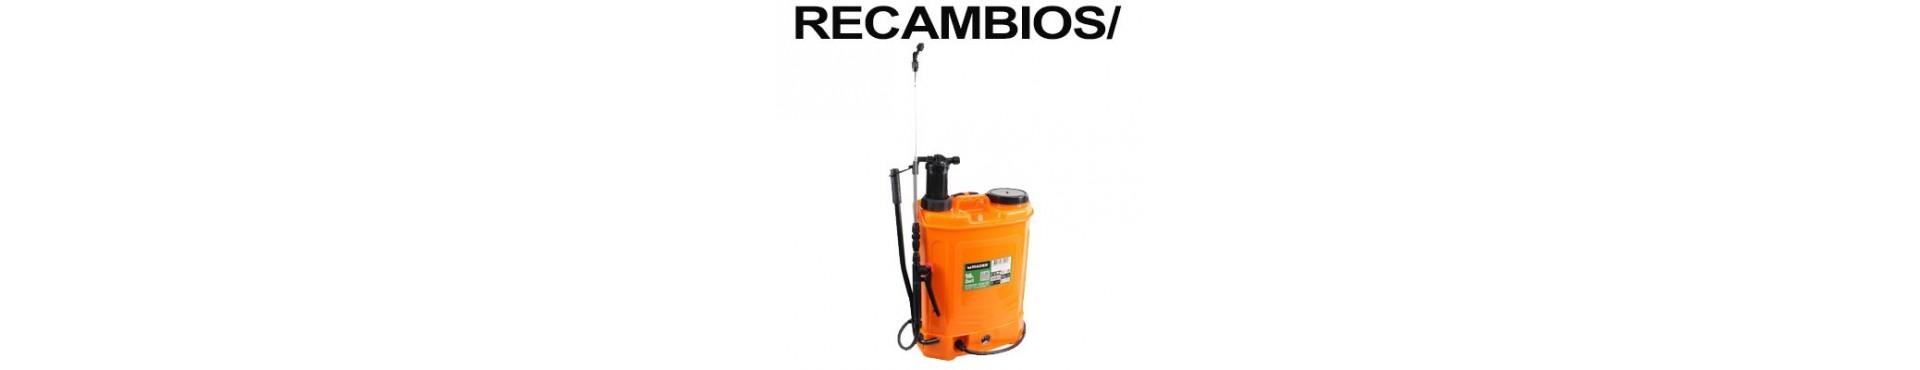 RECAMBIOS PULVERIZADOR MADER MANUAL Y BATERIA DE LITIO(69092)